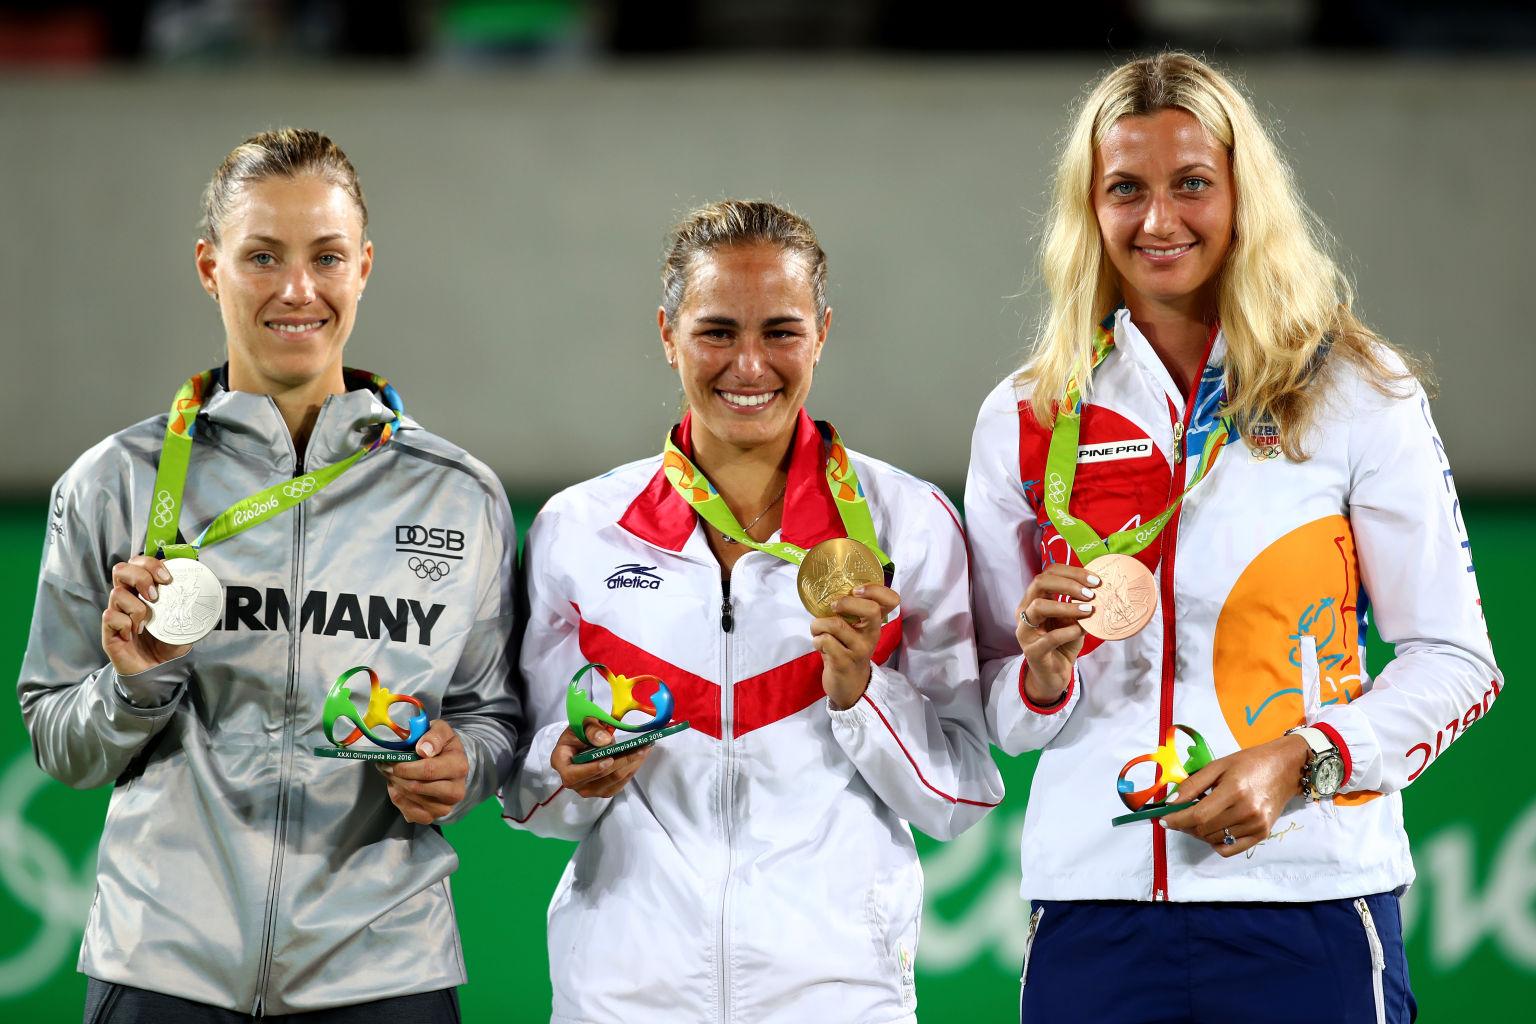 Angie Kerber mit Silber, Monica Puig aus Puerto Rico mit Gold und Petra Kvitova aus Tschechien mit Bronze